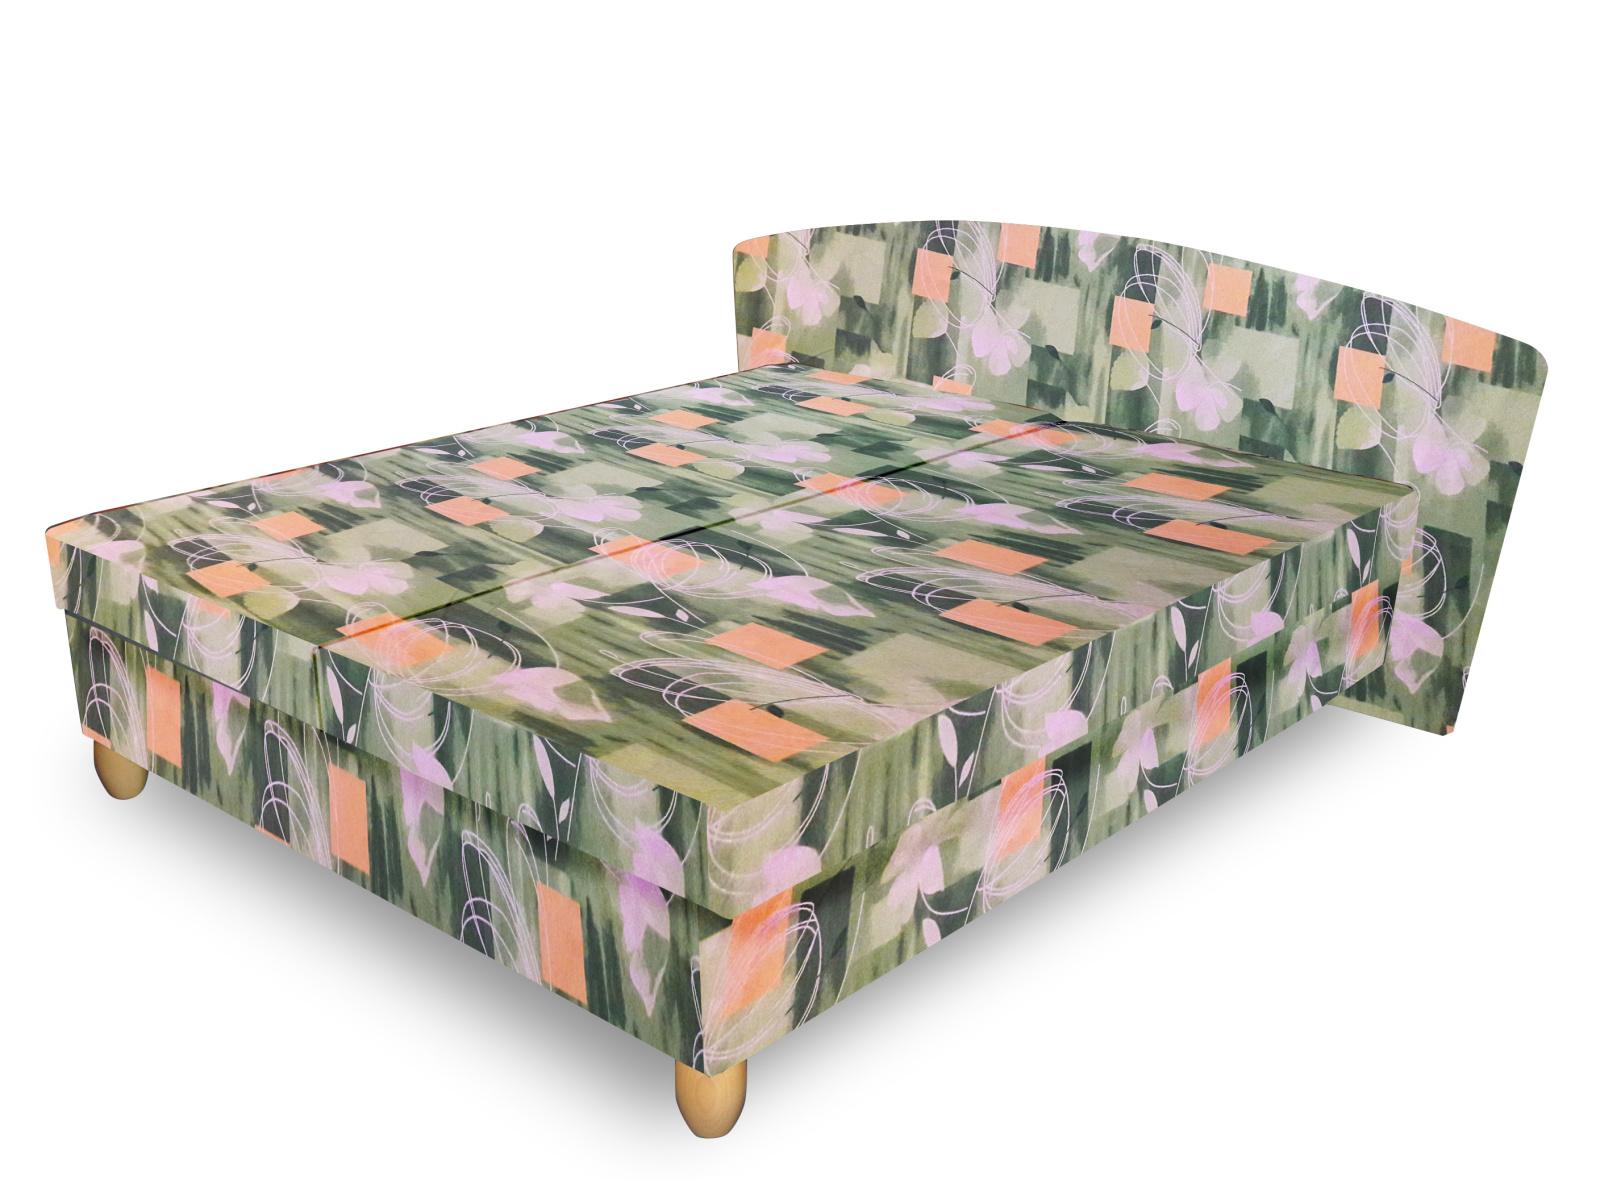 Smartshop Čalouněná postel NICOL 180x200 cm, zelená látka